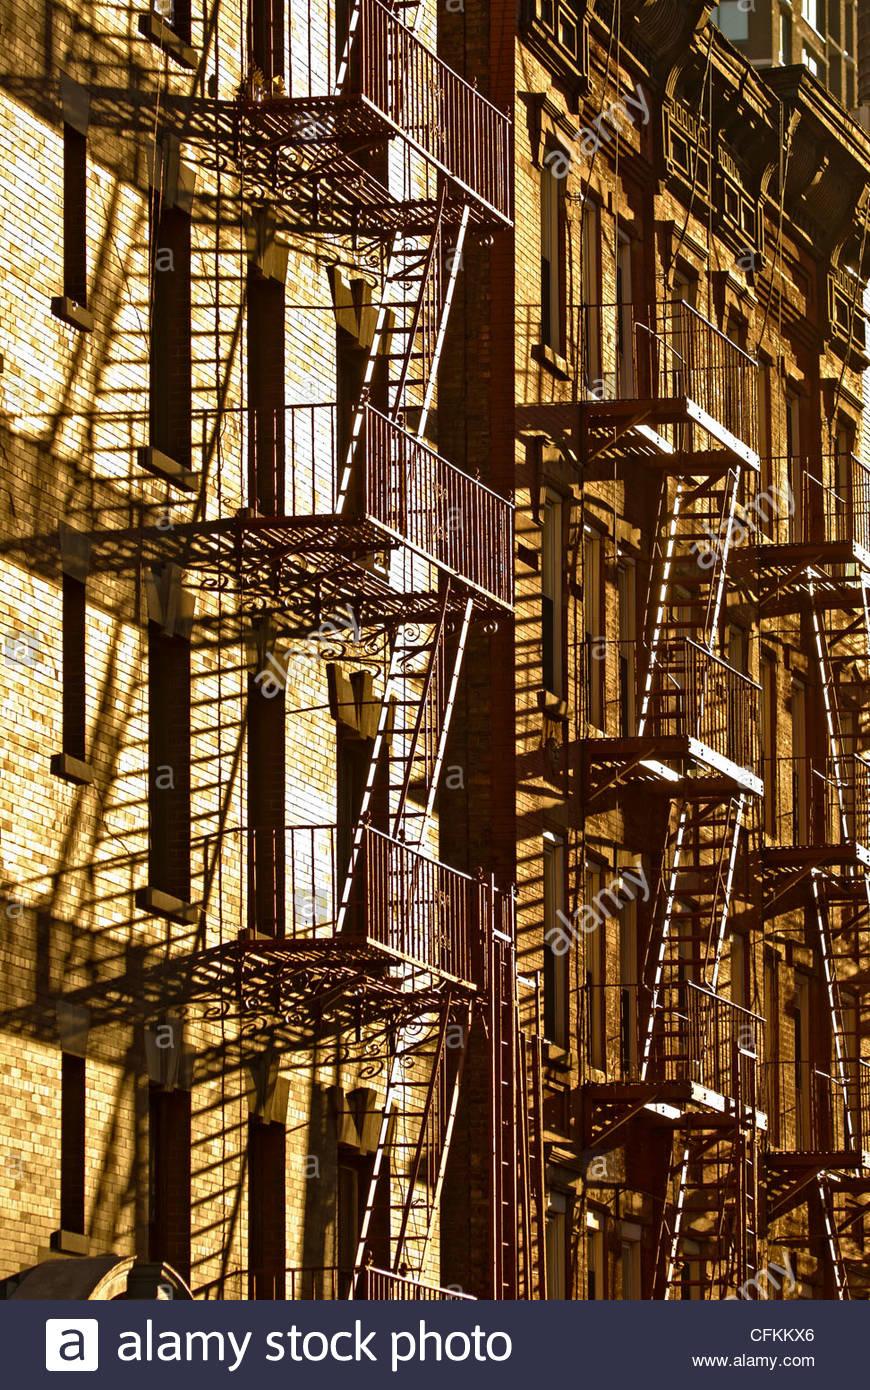 Fire Escape New York City 1940s : Fire escapes escape on tenement apartment building